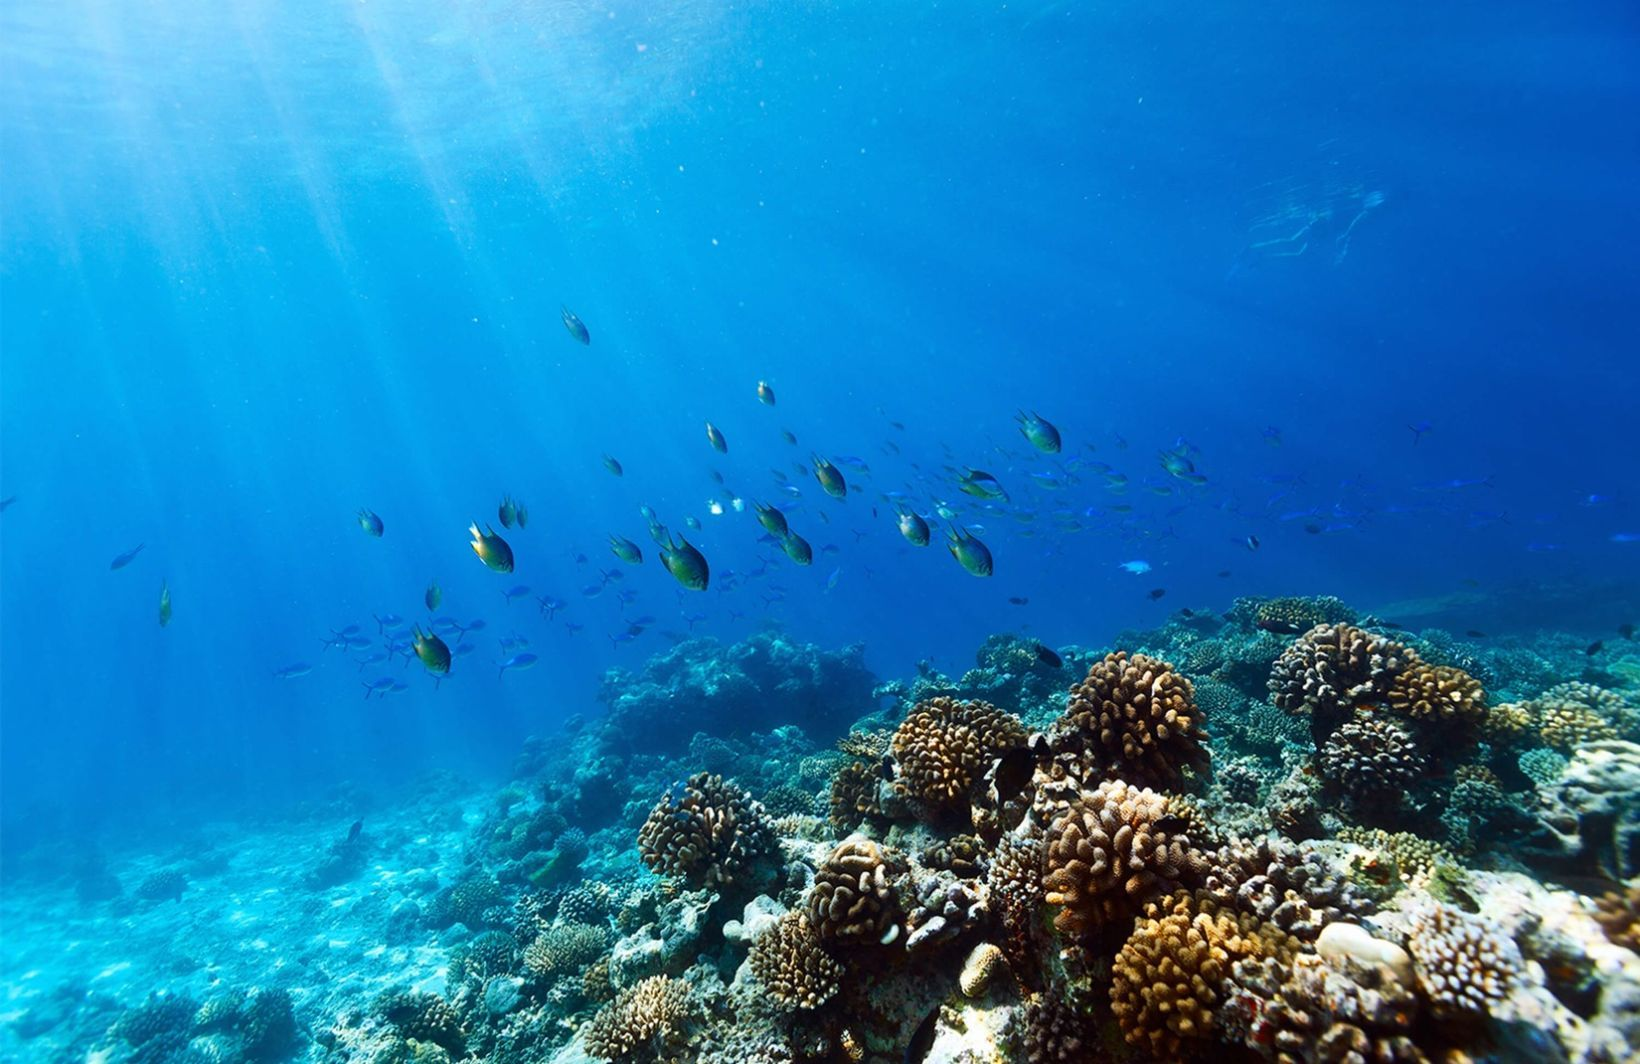 Diving Coral Fish Wall Mural Underwater wallpaper, Ocean